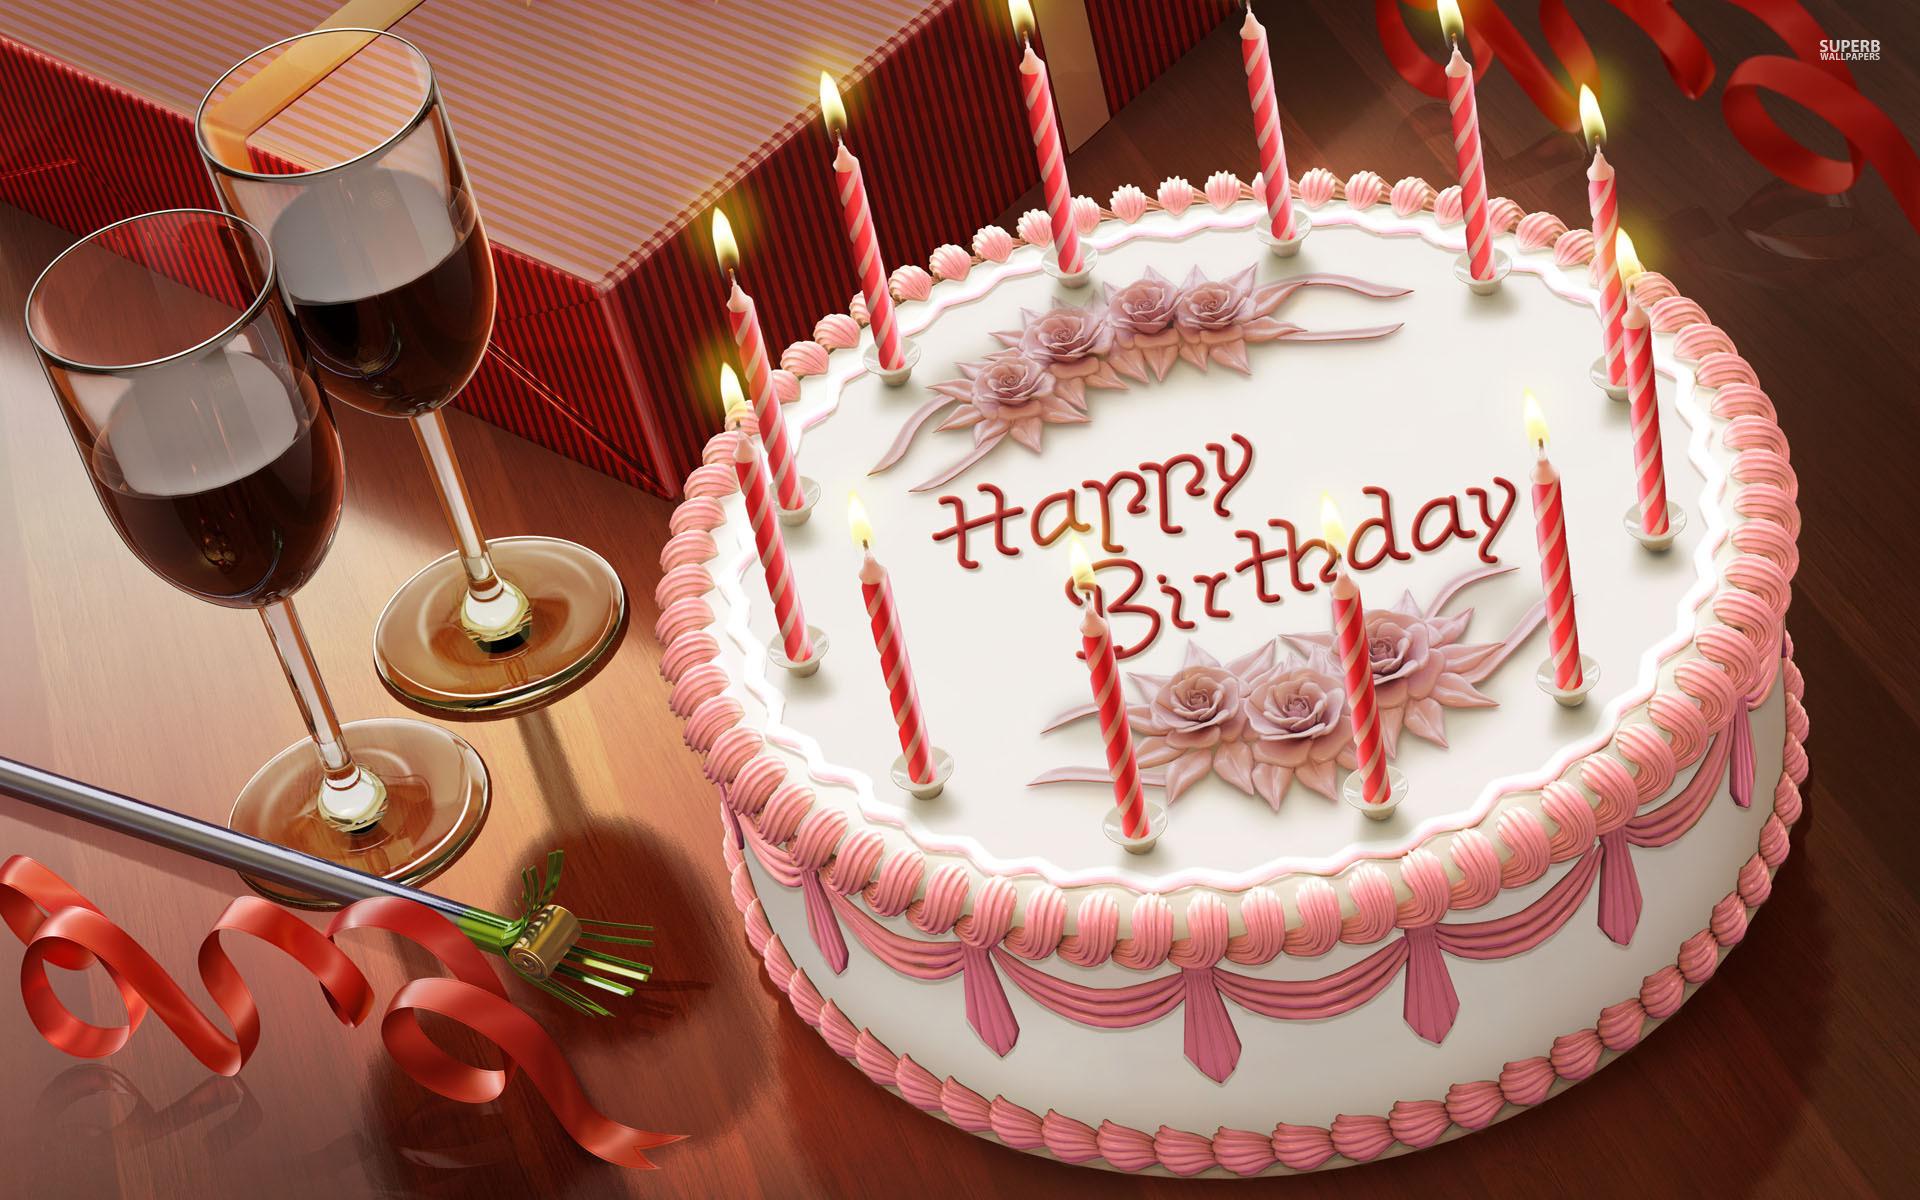 Wallpaper for birthday cake